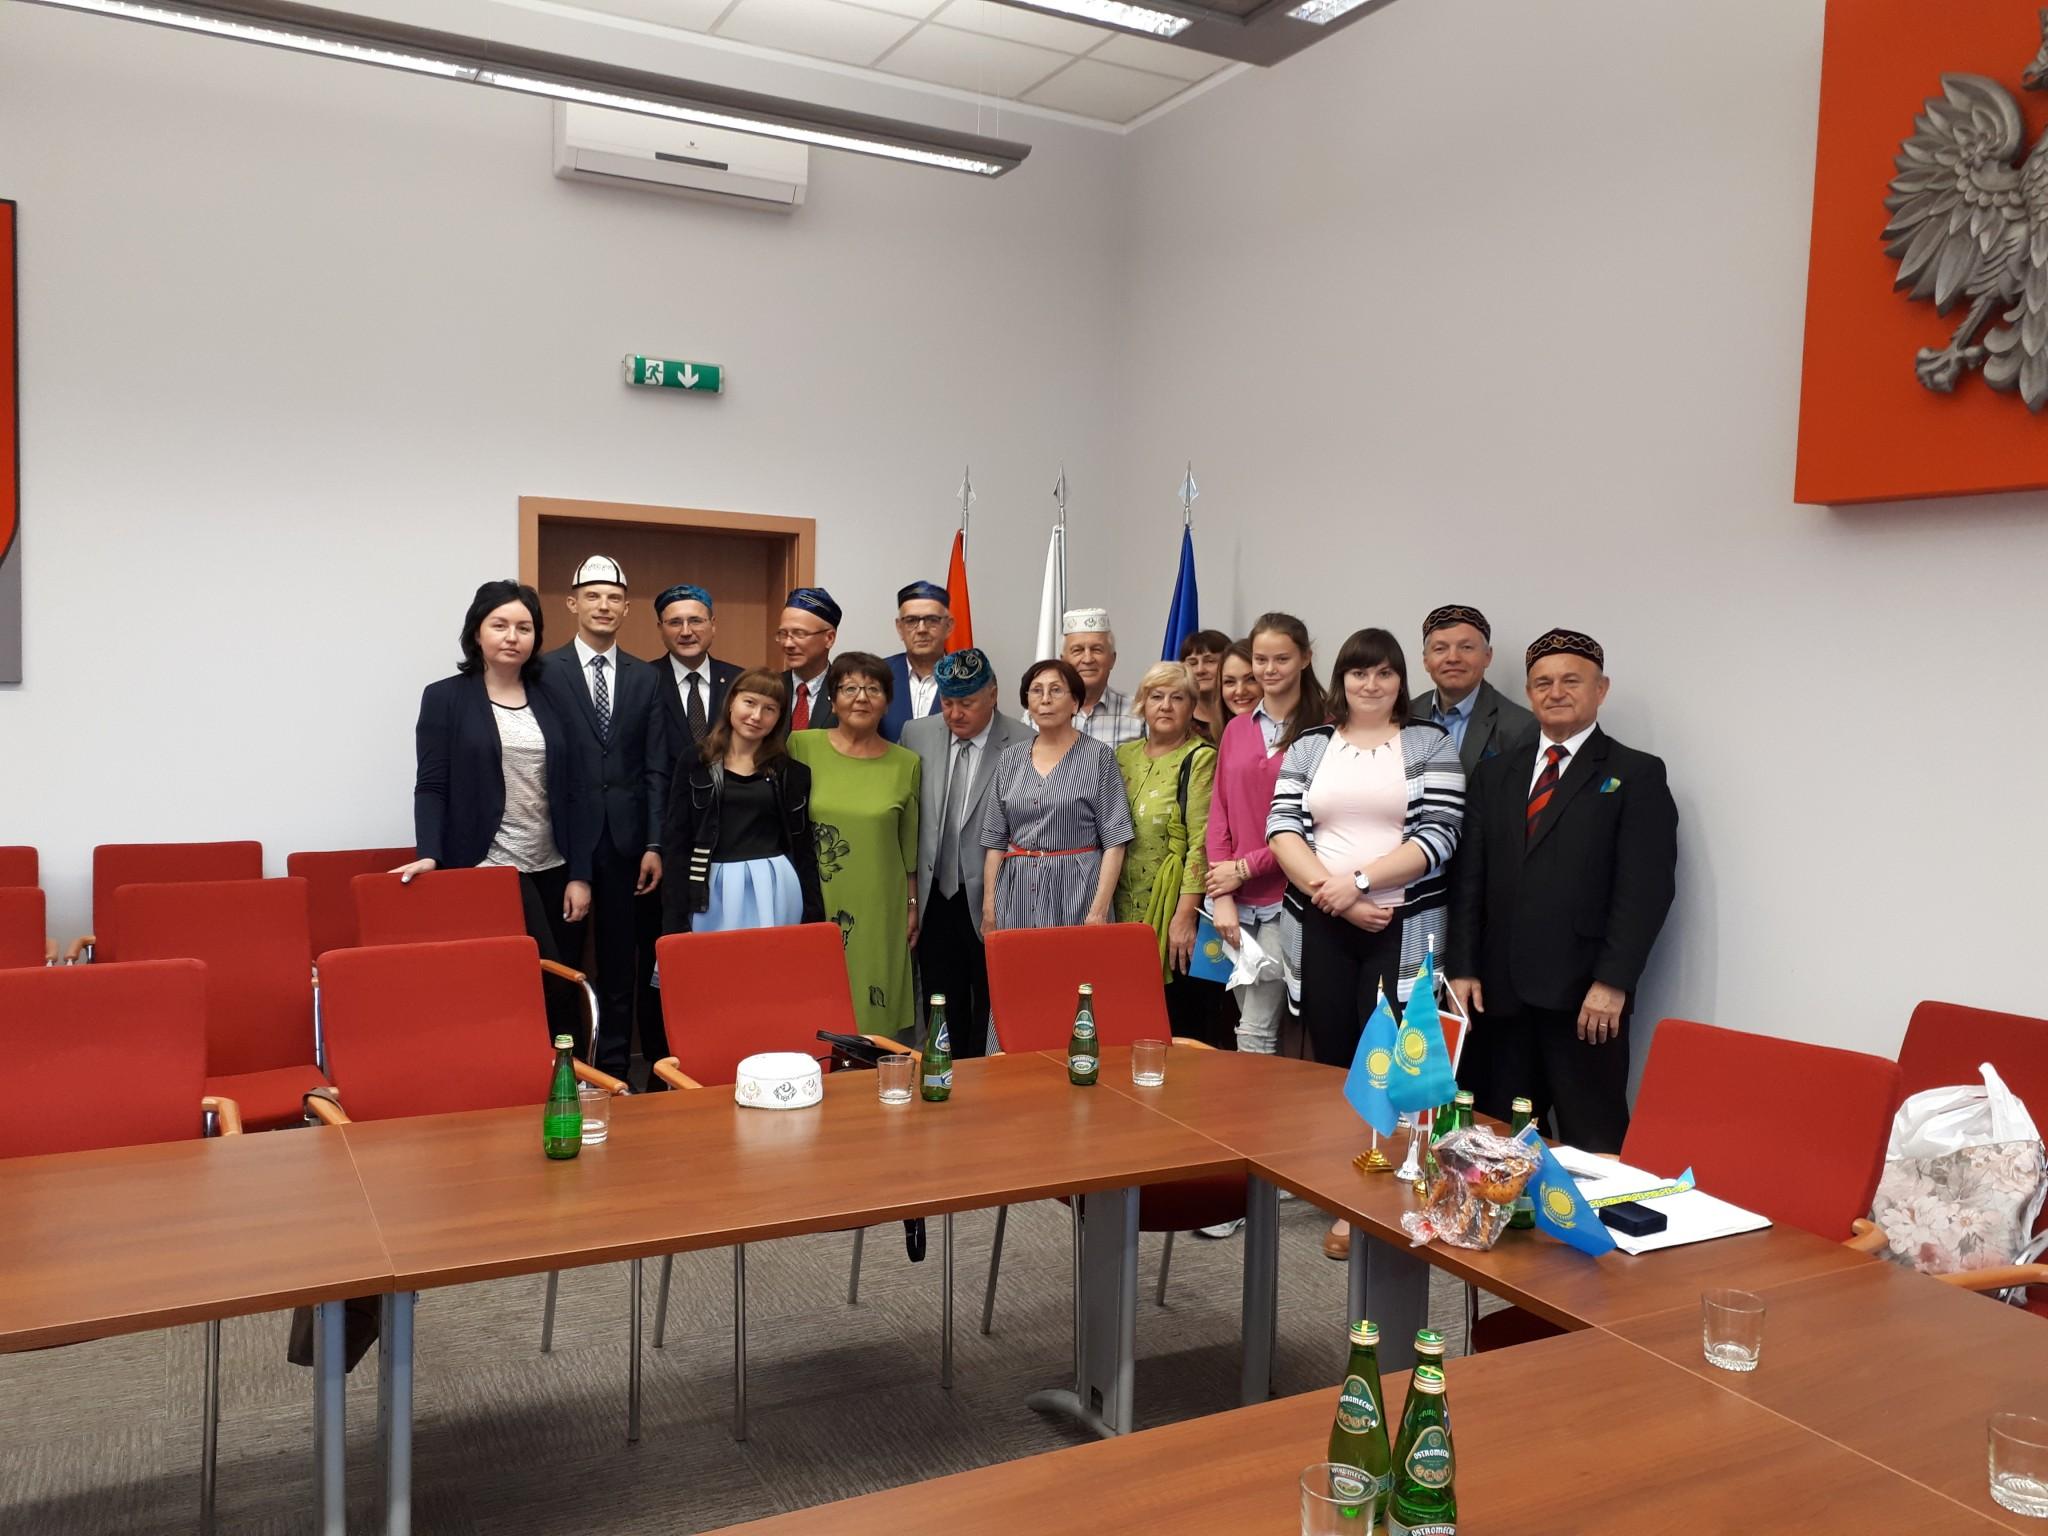 Делегація ХНУРЕ зустрілась із бургомістром міста Шубін (Польща)